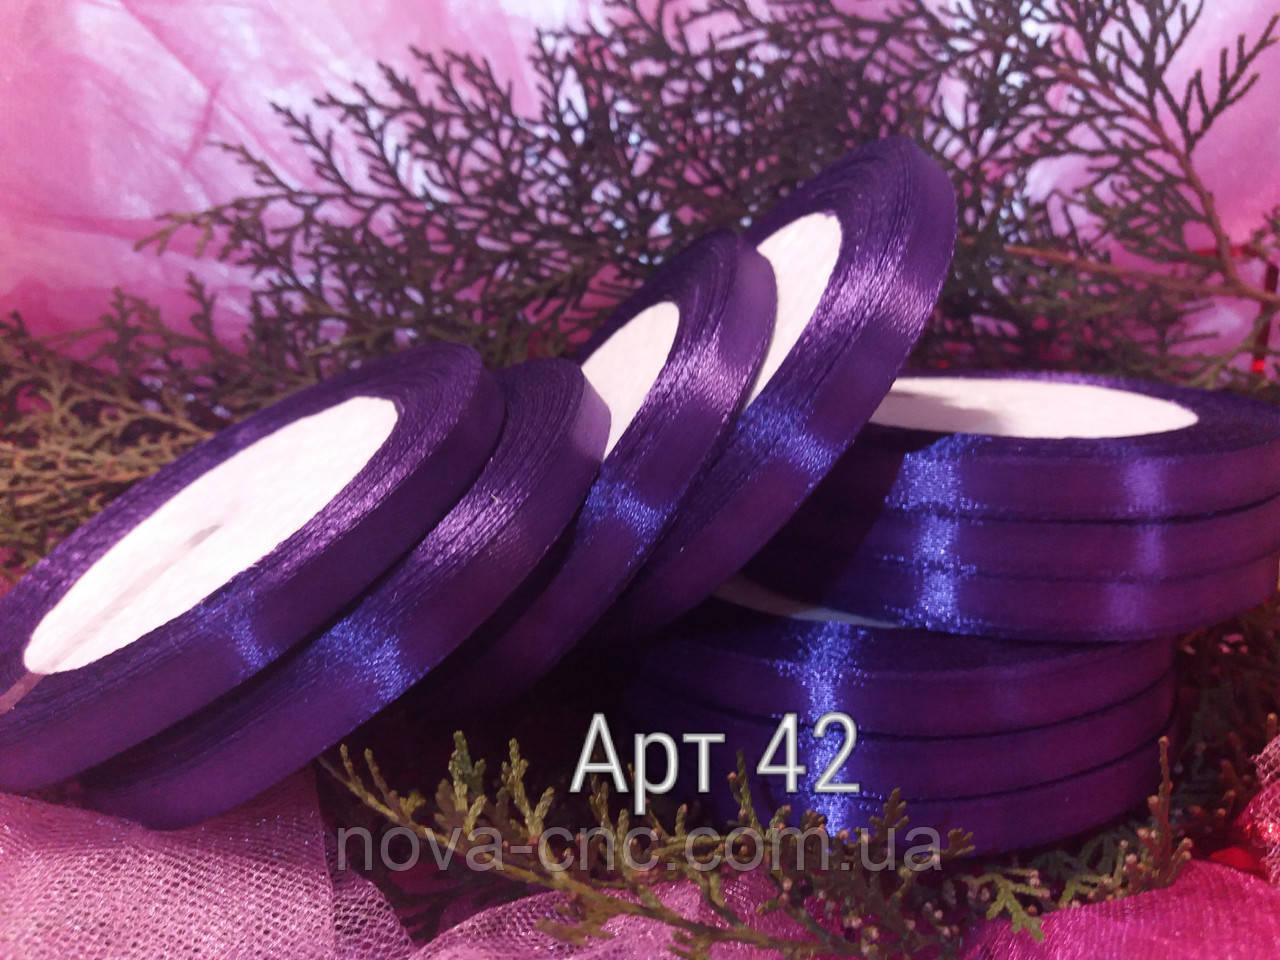 Стрічки атлас фіолетовий 0,6 мм 23 м упаковка 10 бобін